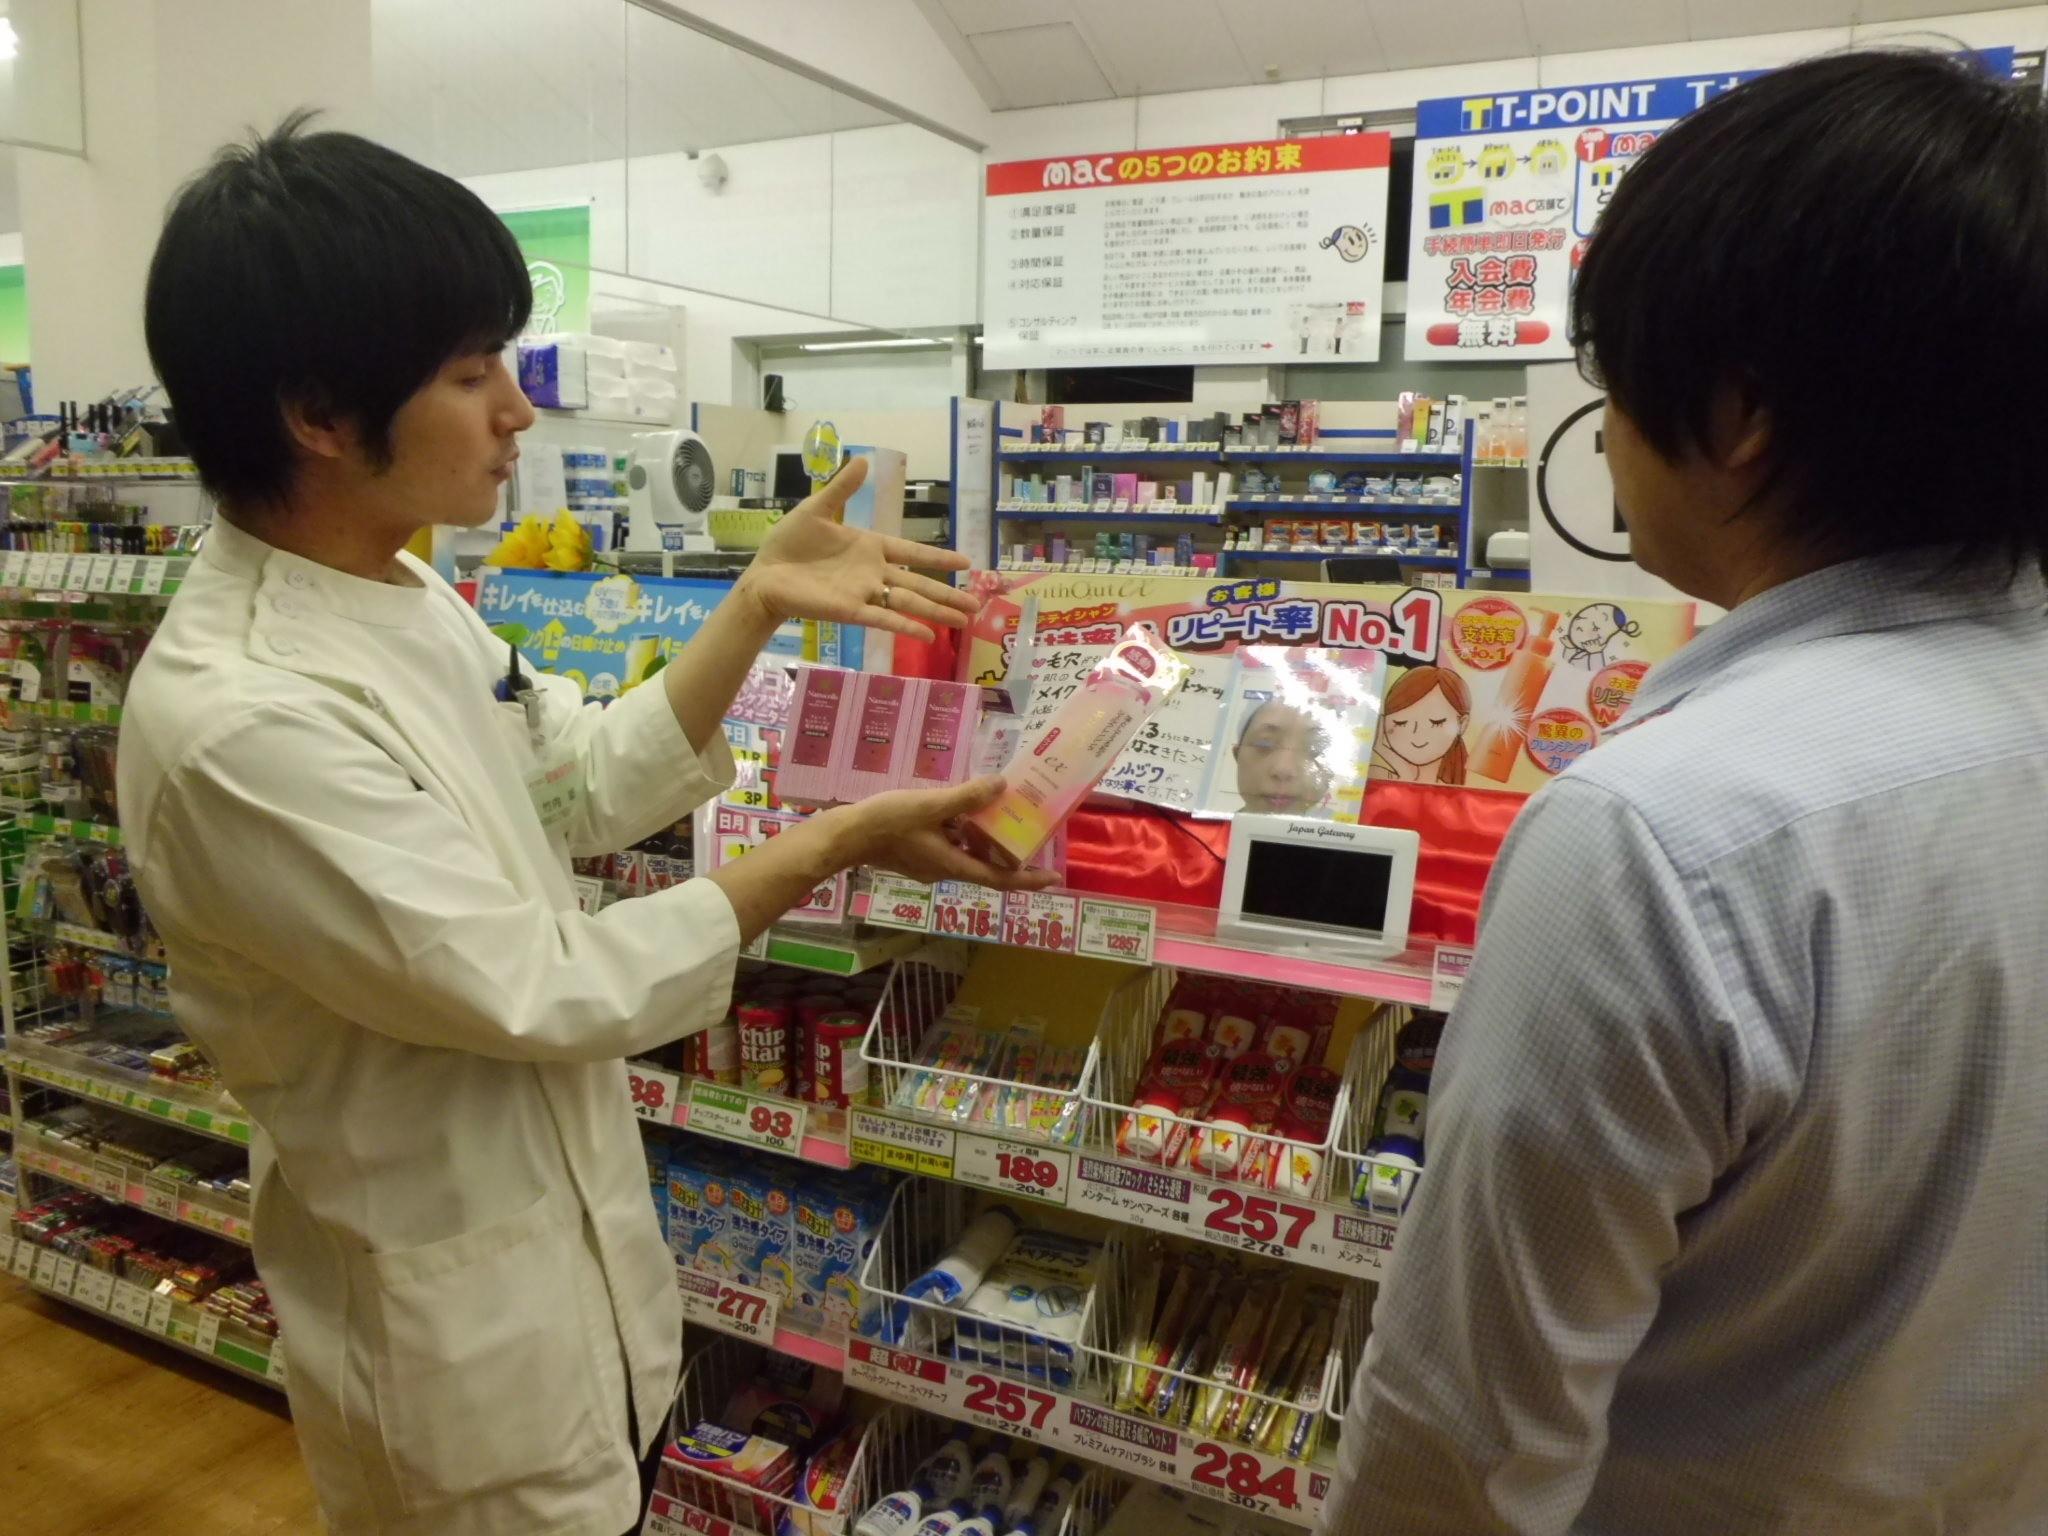 ドラックストアmac 竹島店 のアルバイト情報